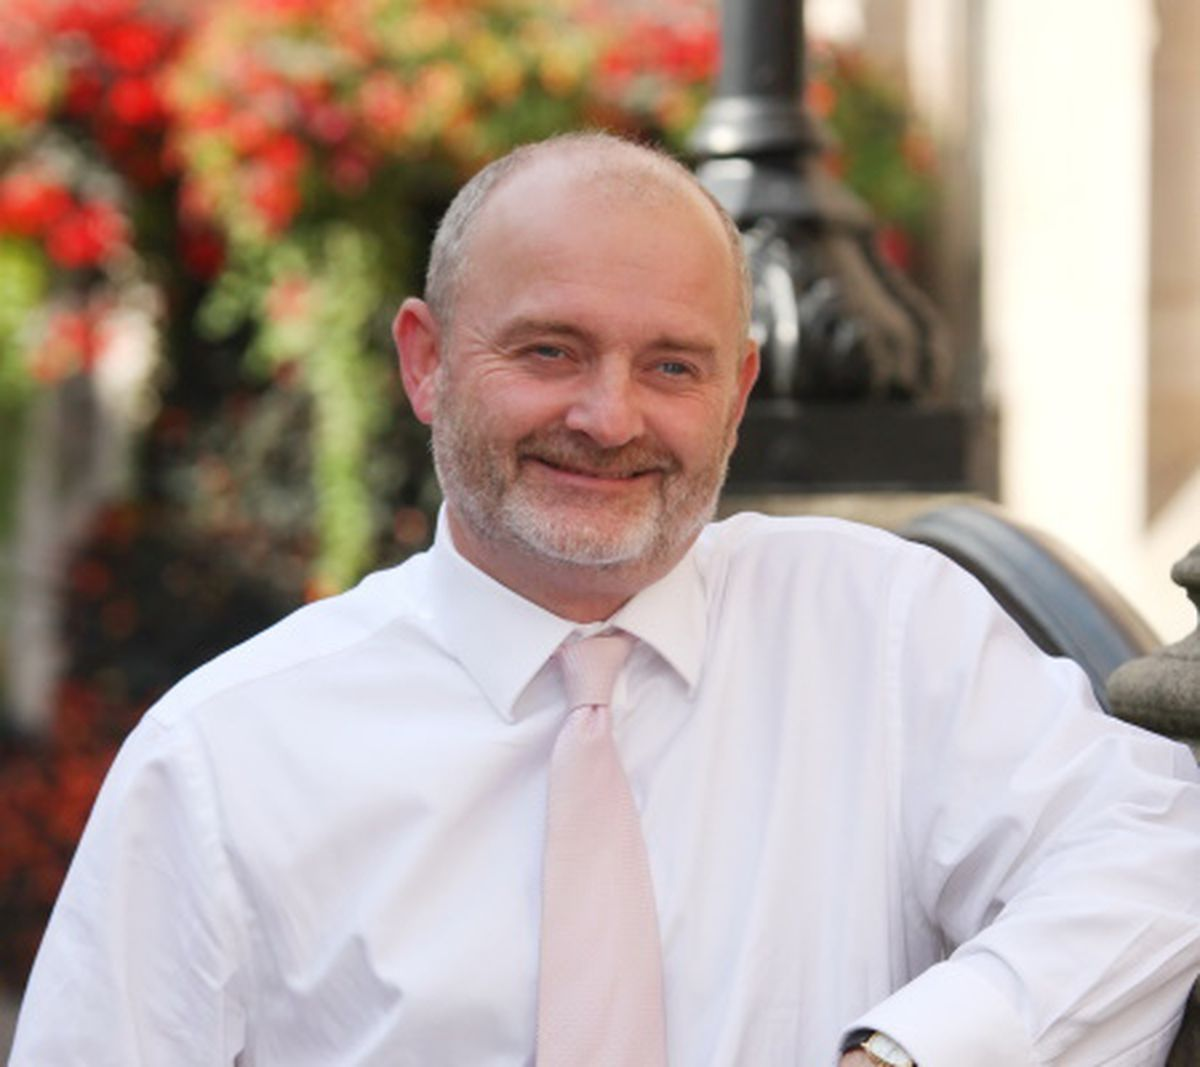 Patrick Farrington